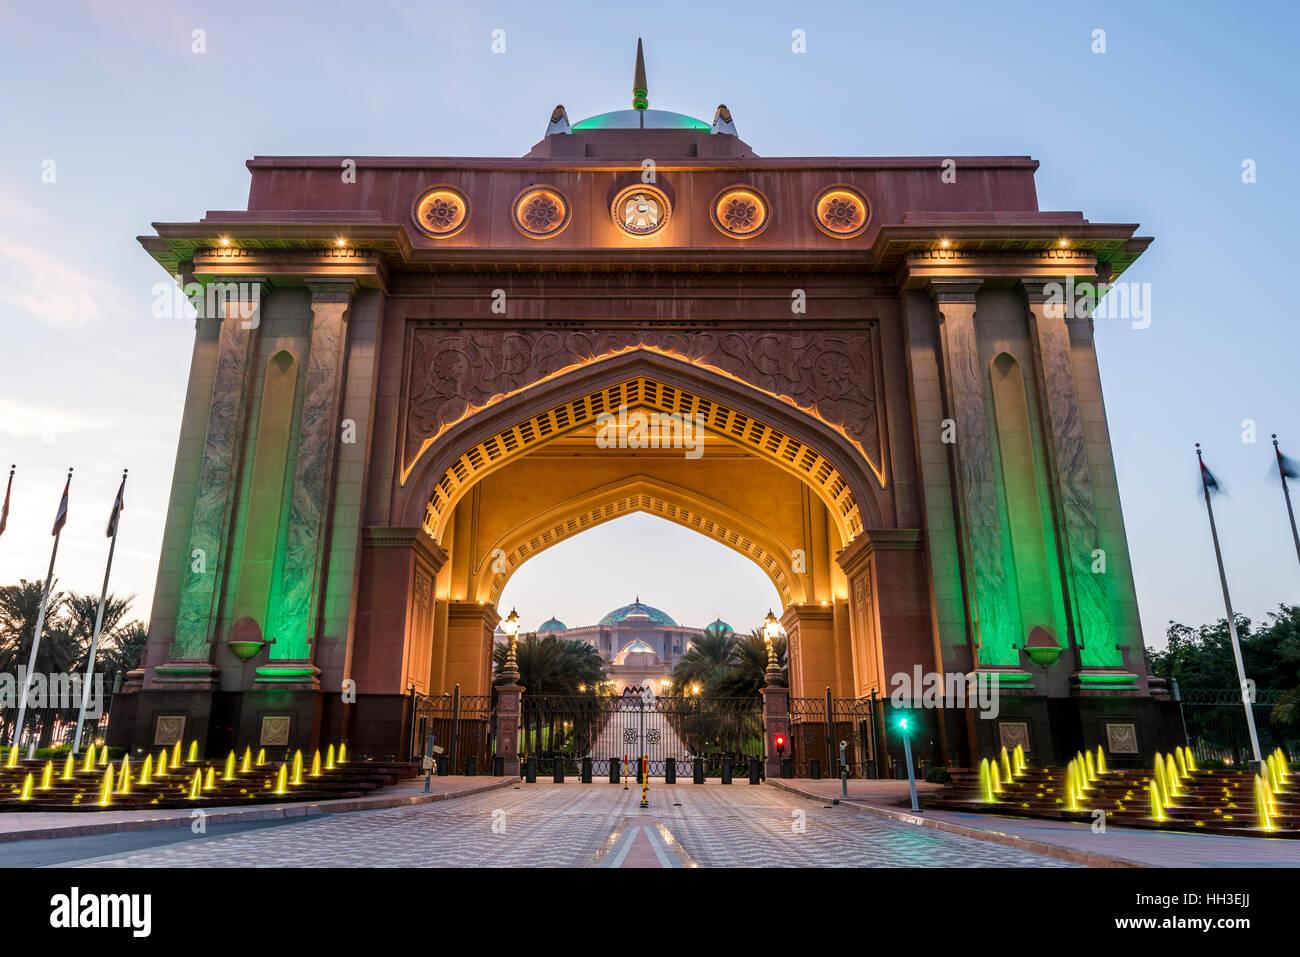 Emirates Palace Gate House. Entrance to the Emirates Palace ...